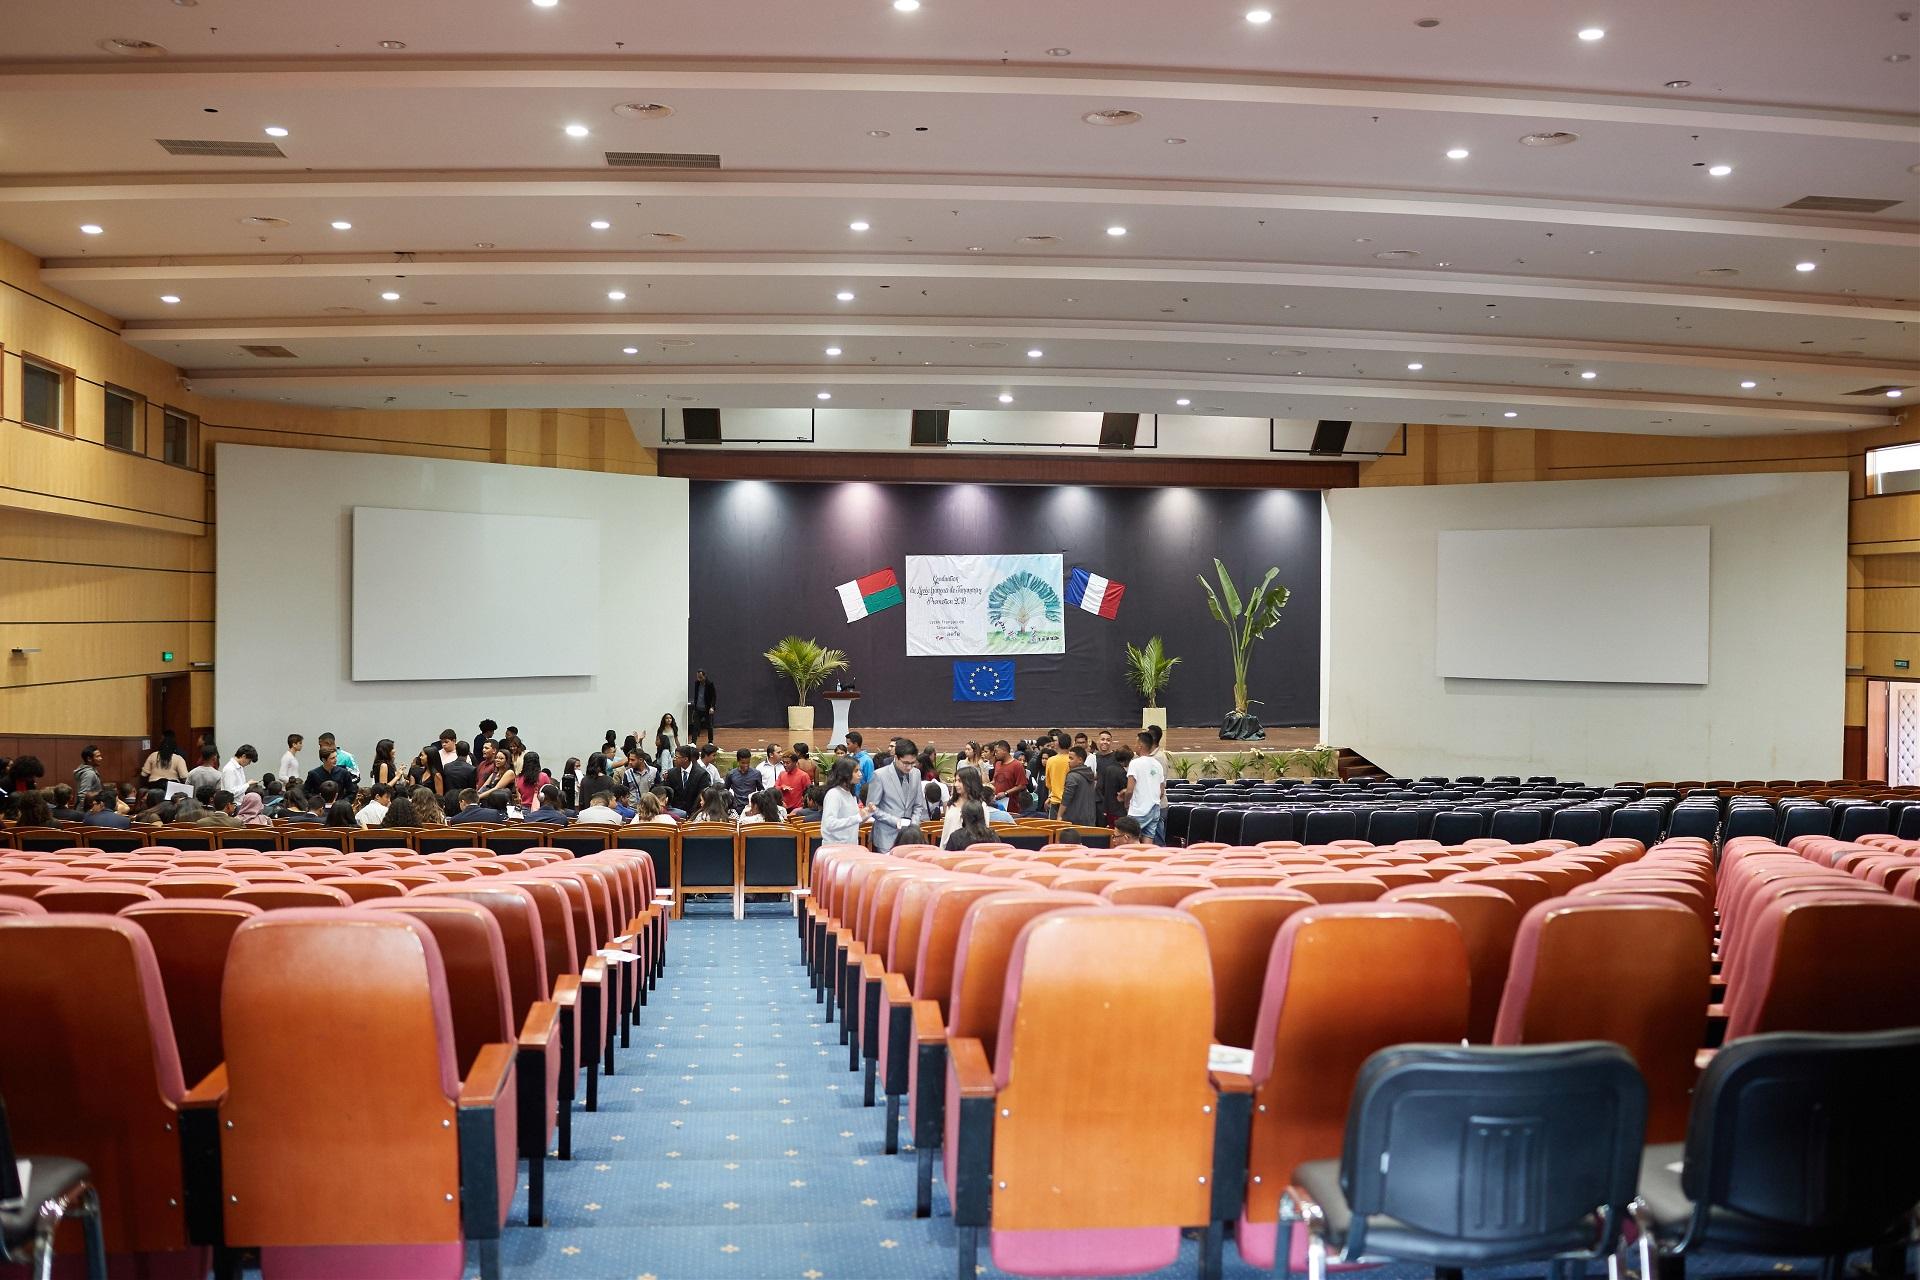 0018_Graduation_LFT_19-07-02